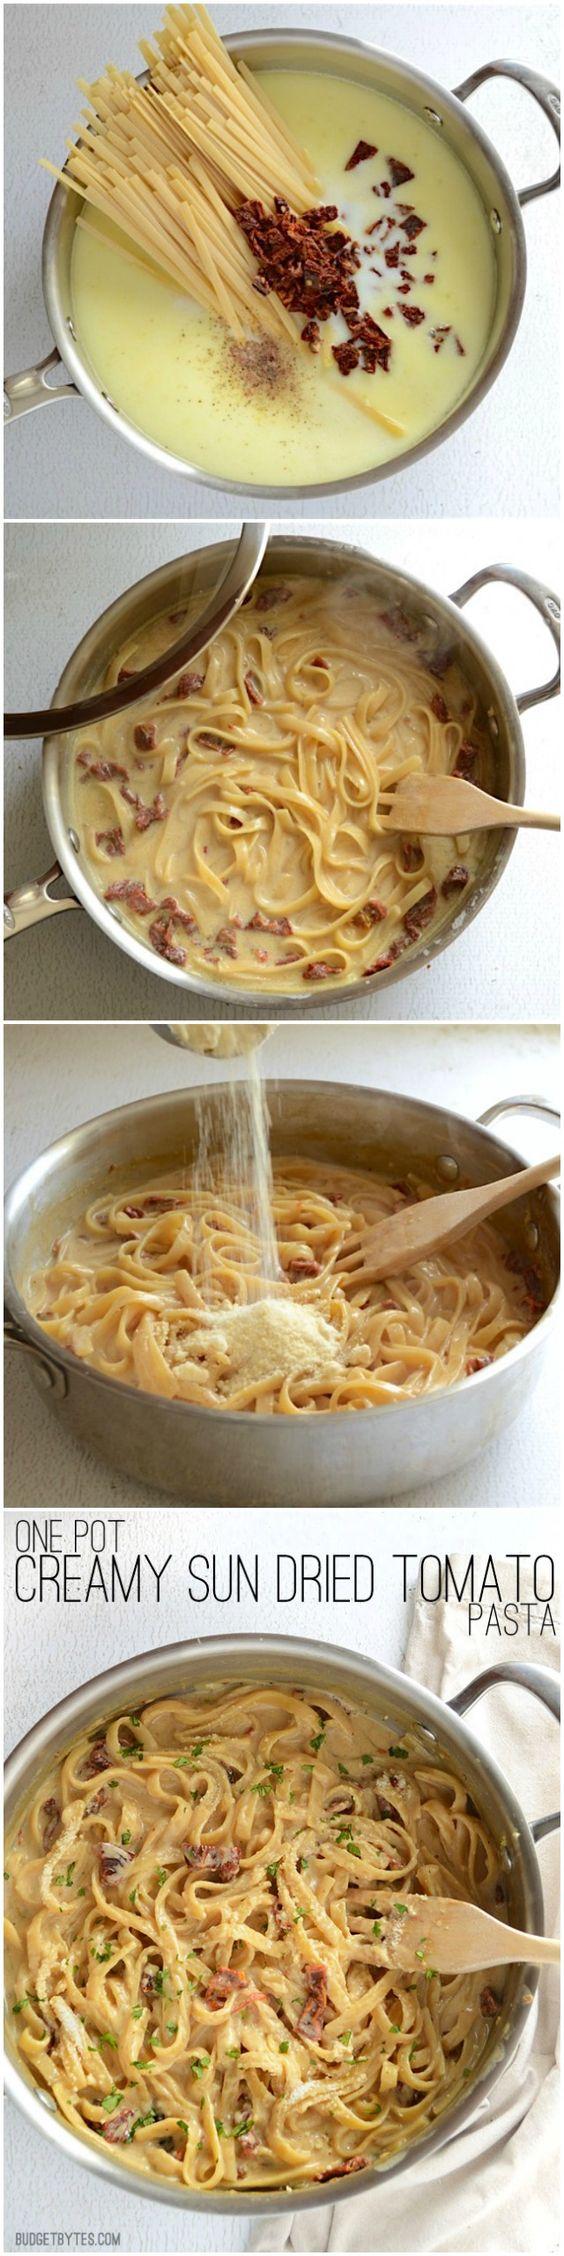 One Pot Creamy Sun Dried Tomato Pasta